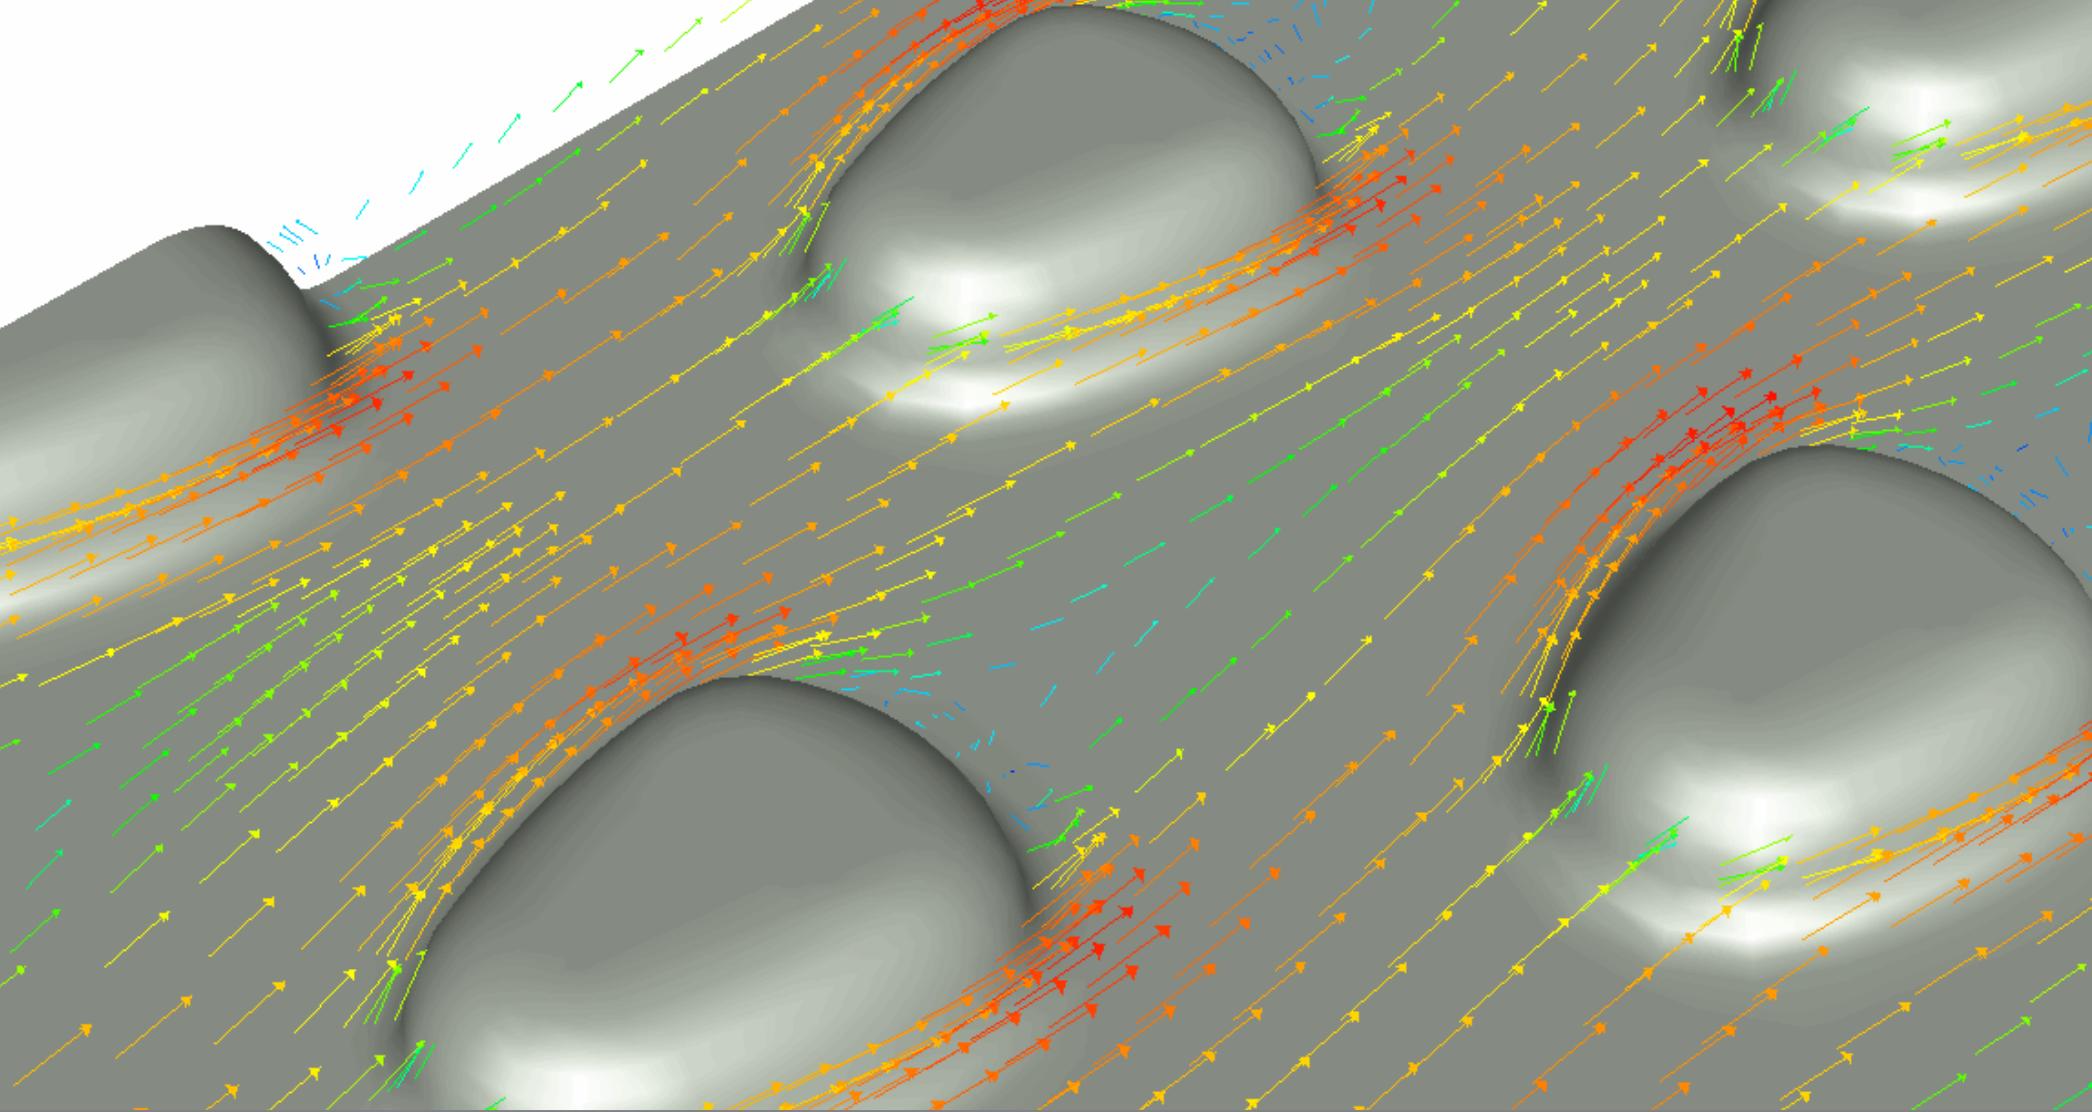 Strömungssimulation: Strukturierung der Absorberschicht für optimale Strömungsleitung